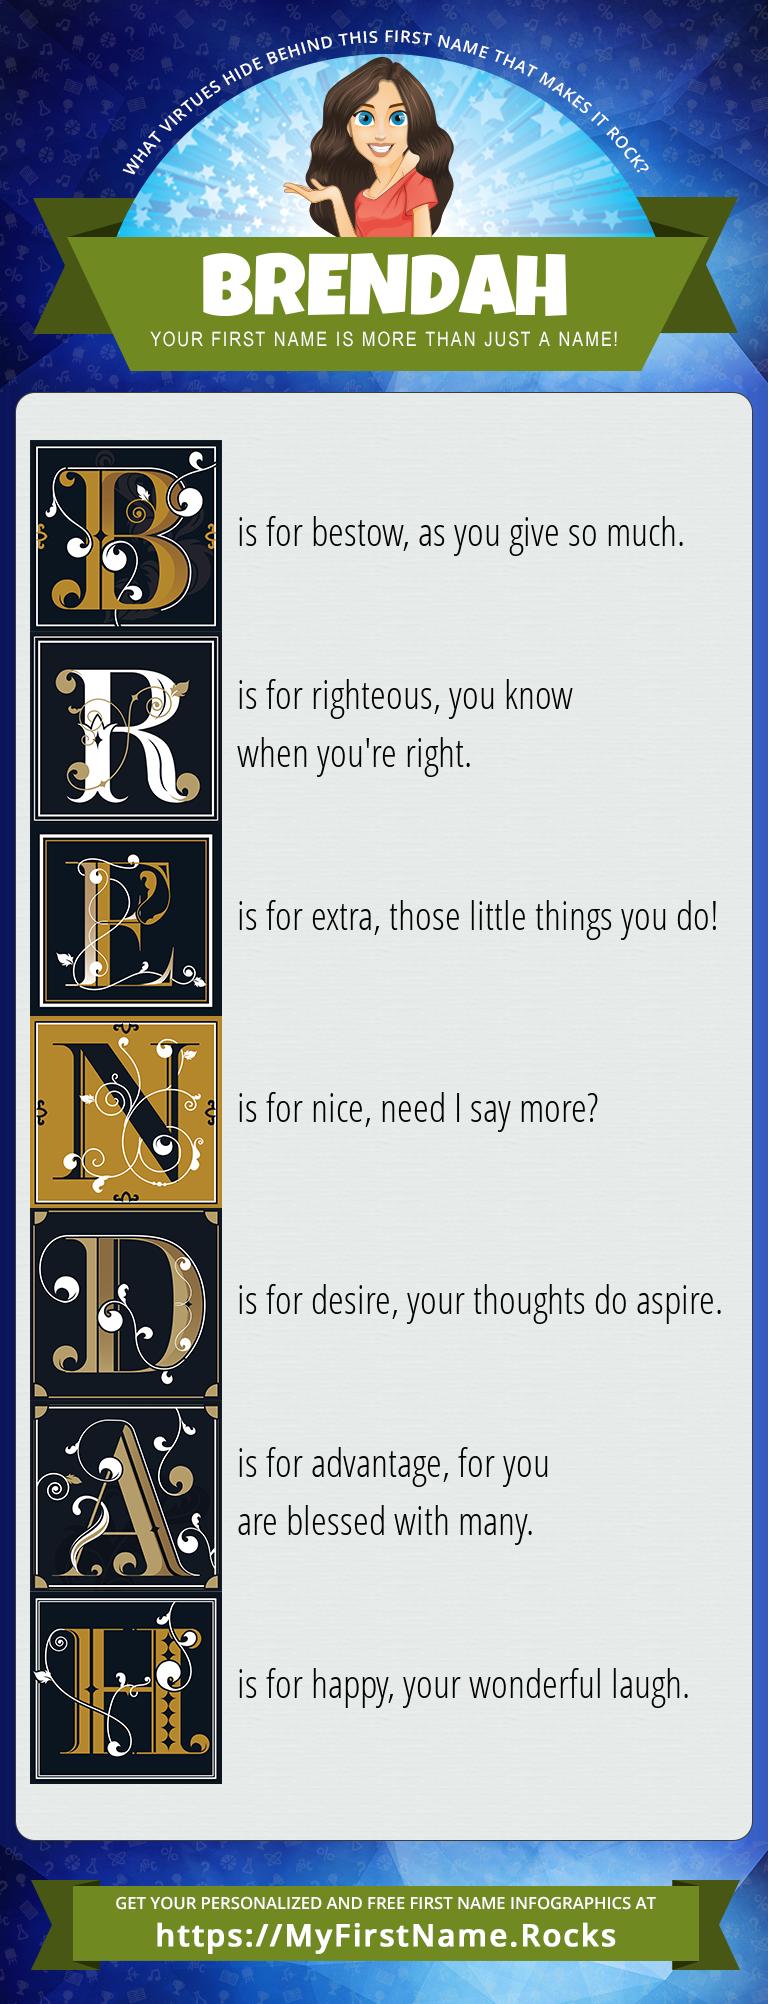 Brendah Infographics